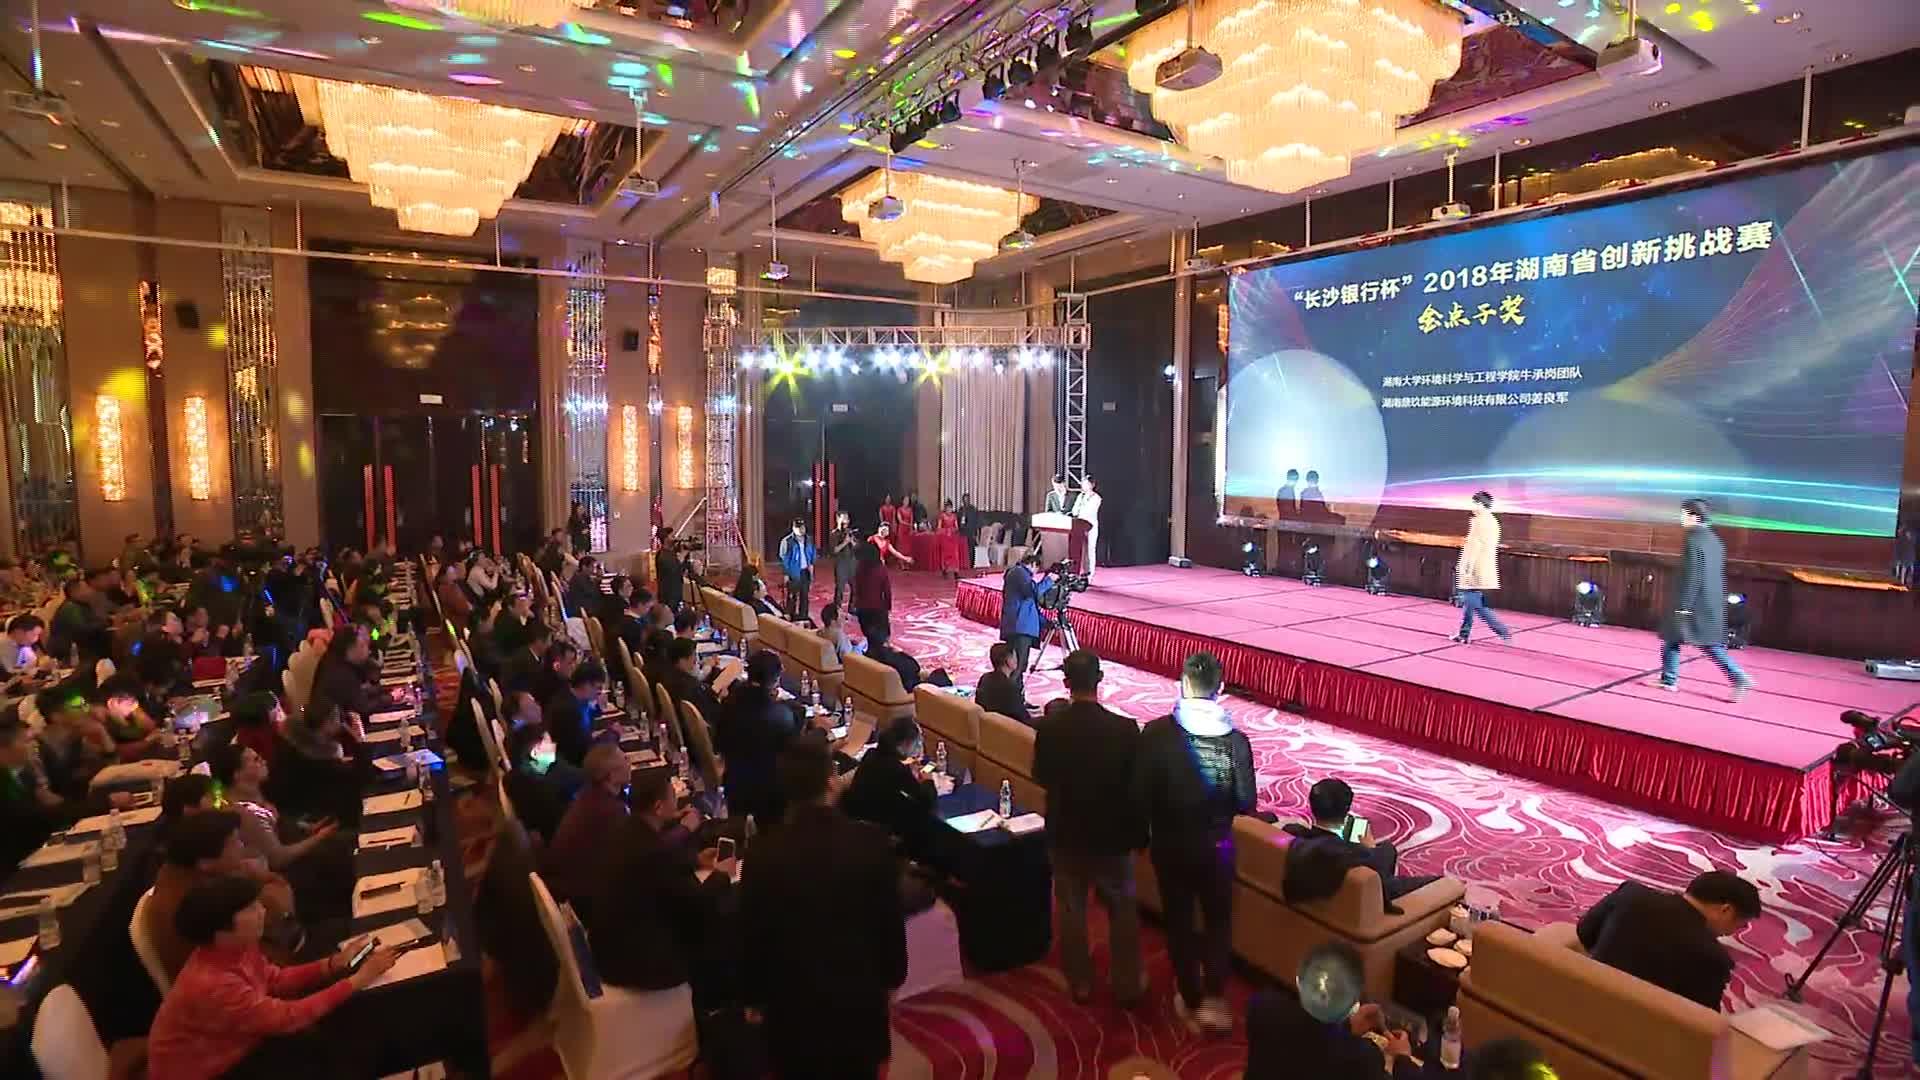 【全程回放】2018年中国创新创业大赛(湖南赛区)暨湖南省创新创业大赛、湖南省创新挑战赛颁奖仪式